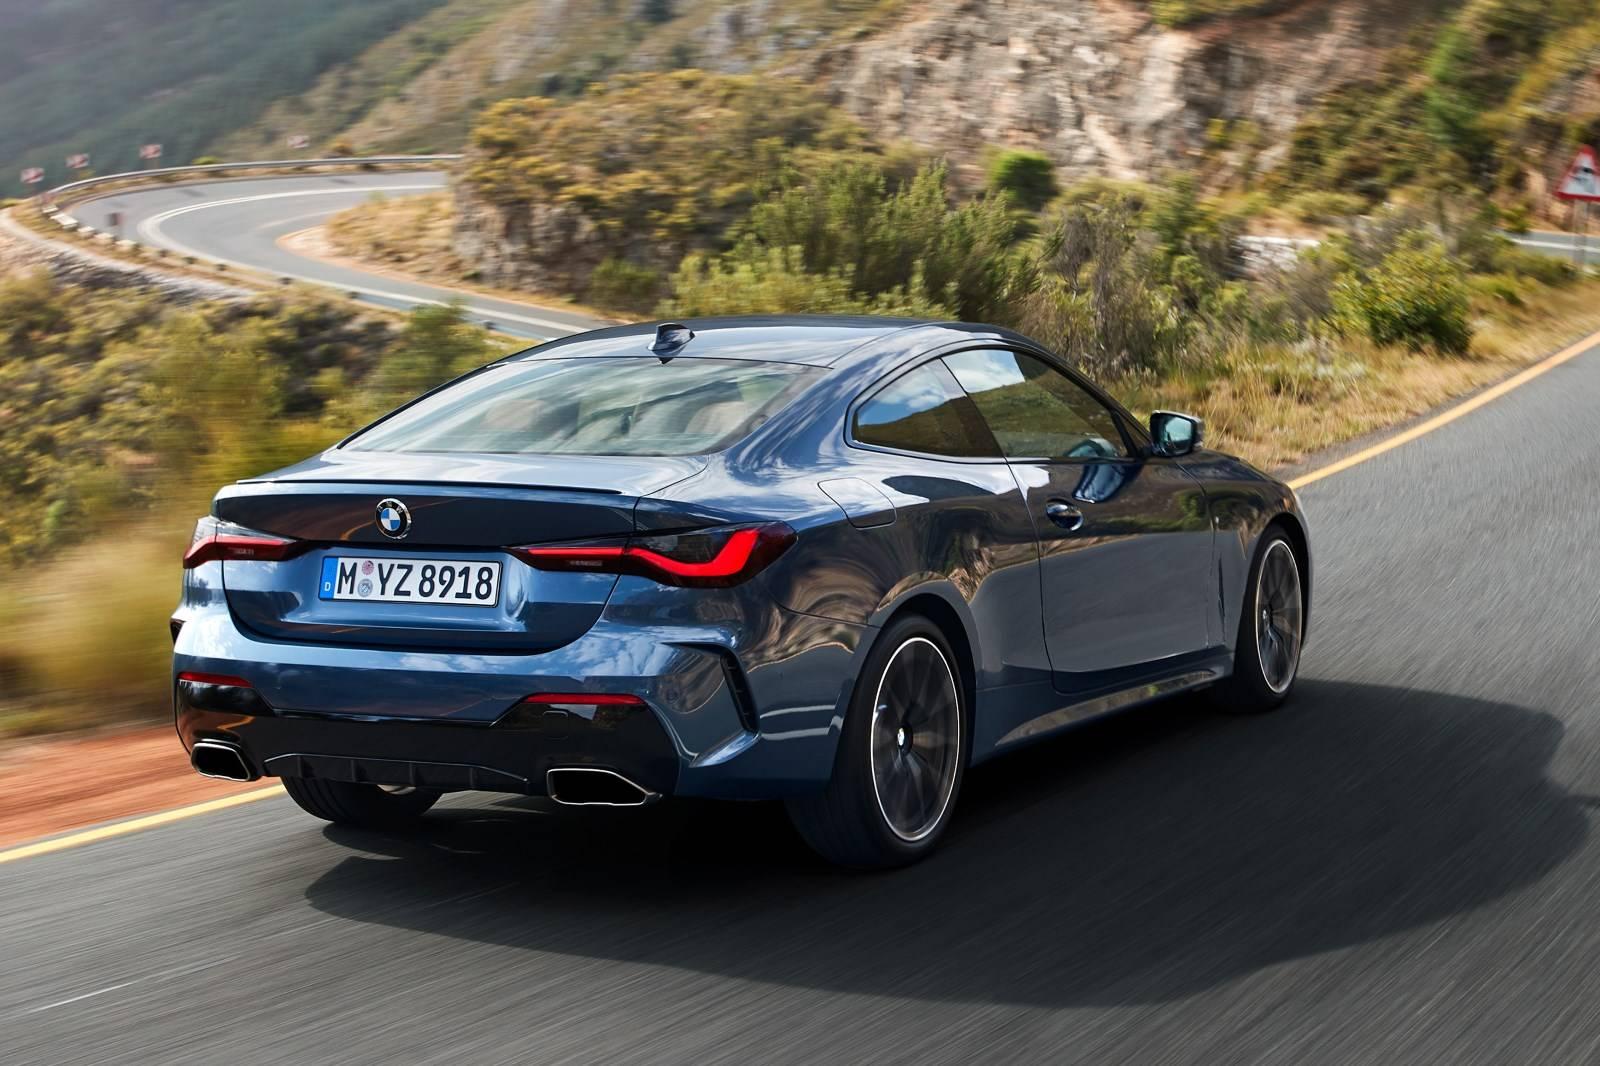 BMW 4 Series Coupe G22 - кардинально новый дизайн 6